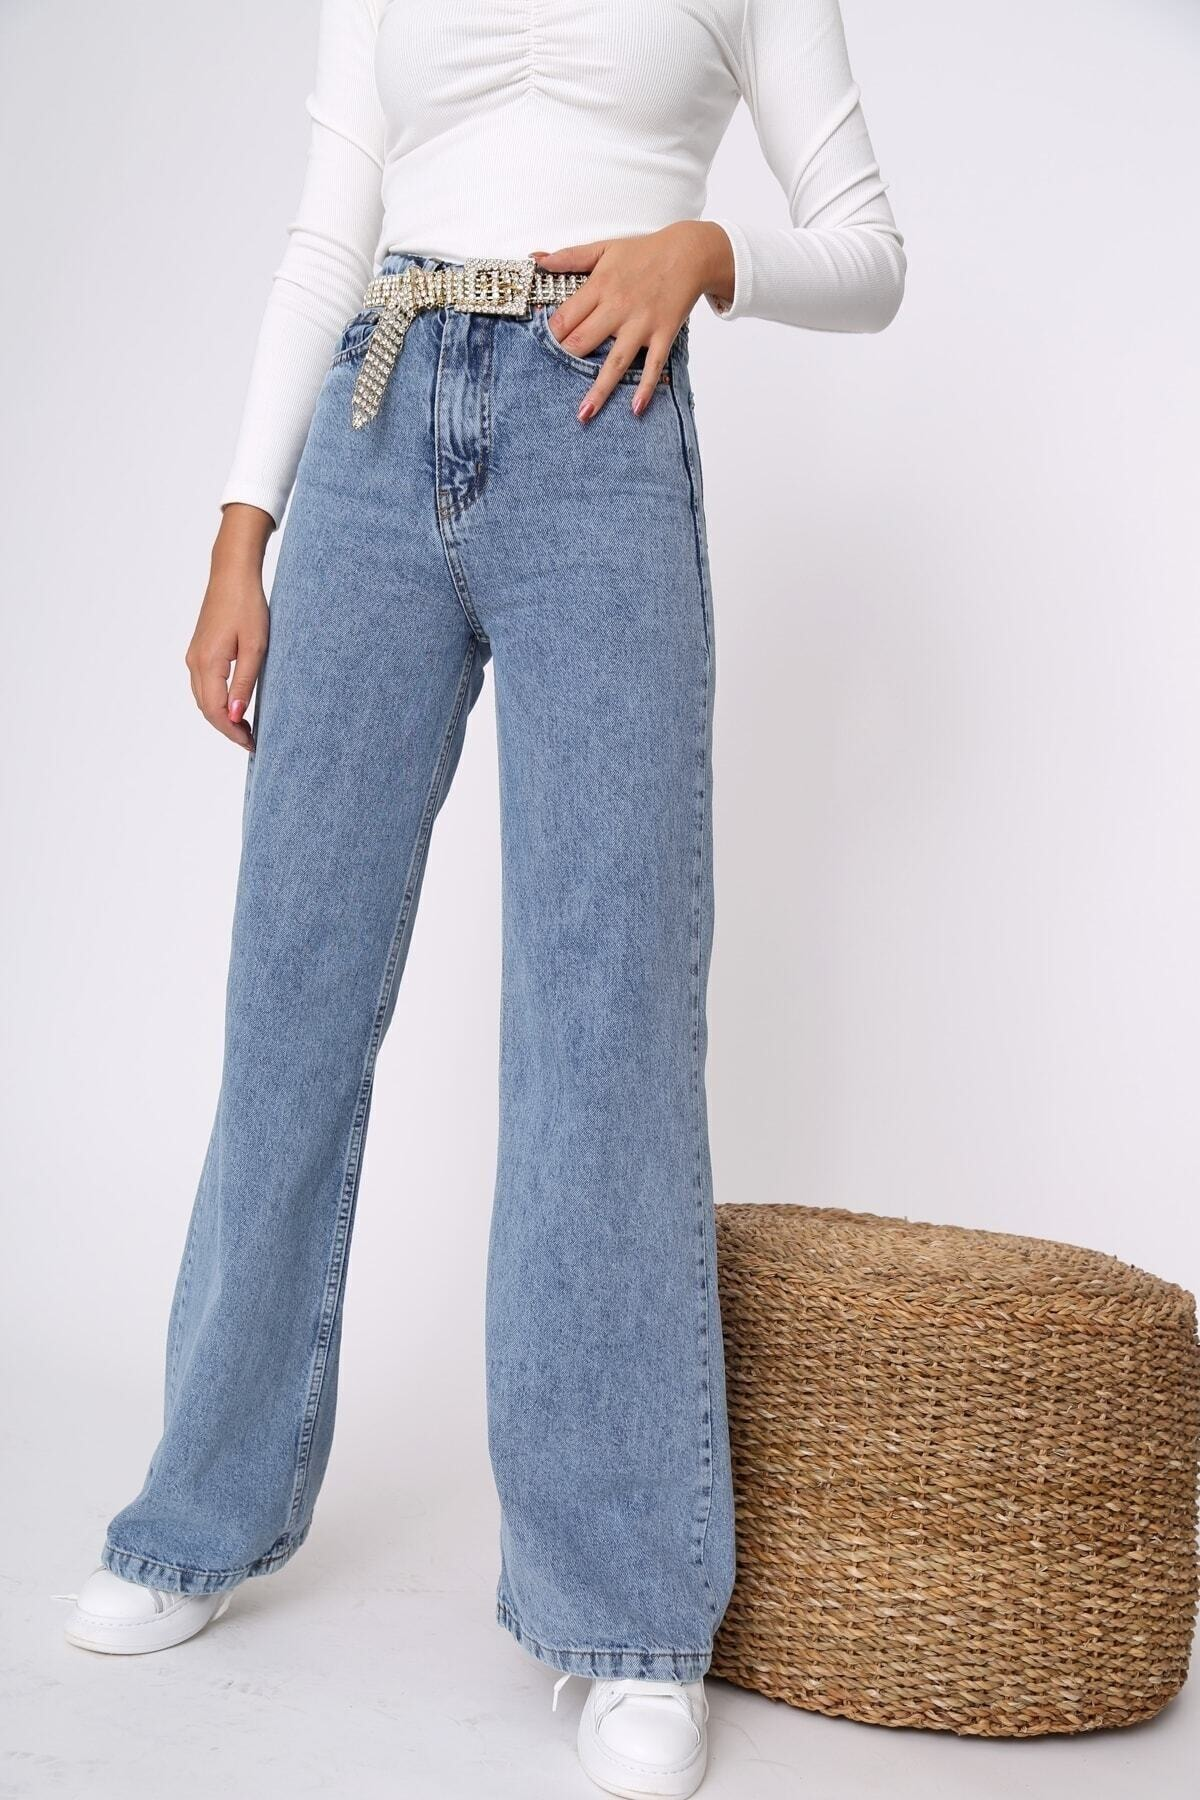 Kadın Mavi Kar Yıkamalı Likralı Süper Yüksek Bel Geniş Paça Jean